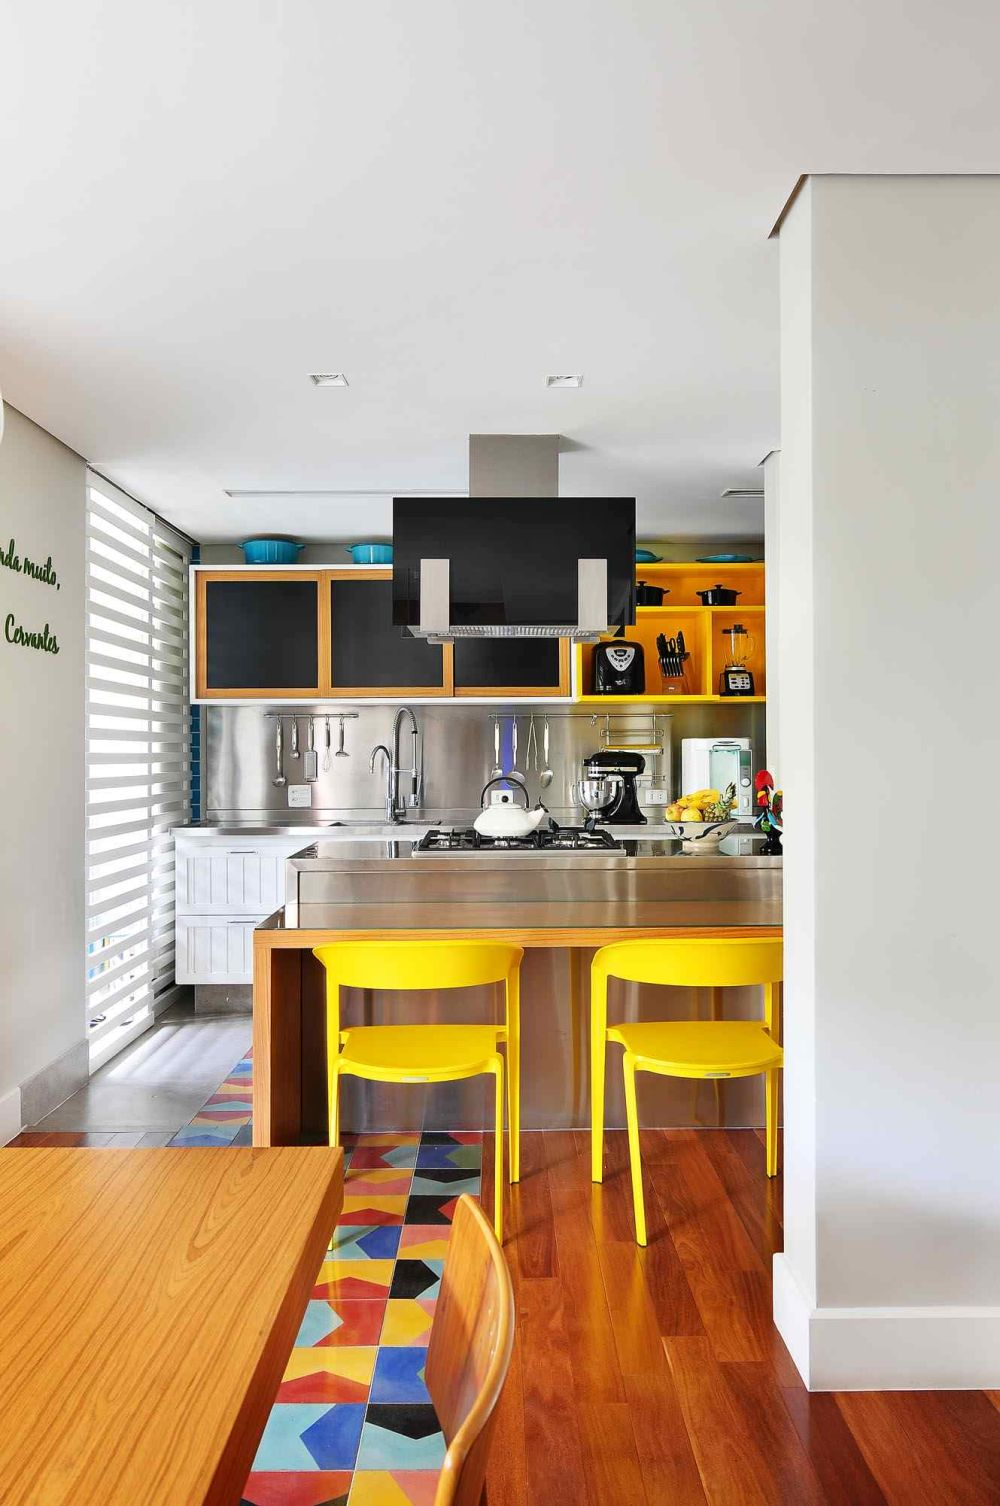 adelaparvu-com-despre-apartament-100-mp-cu-loc-pentru-carti-arh-ana-yoshida-foto-sidnei-doll-13